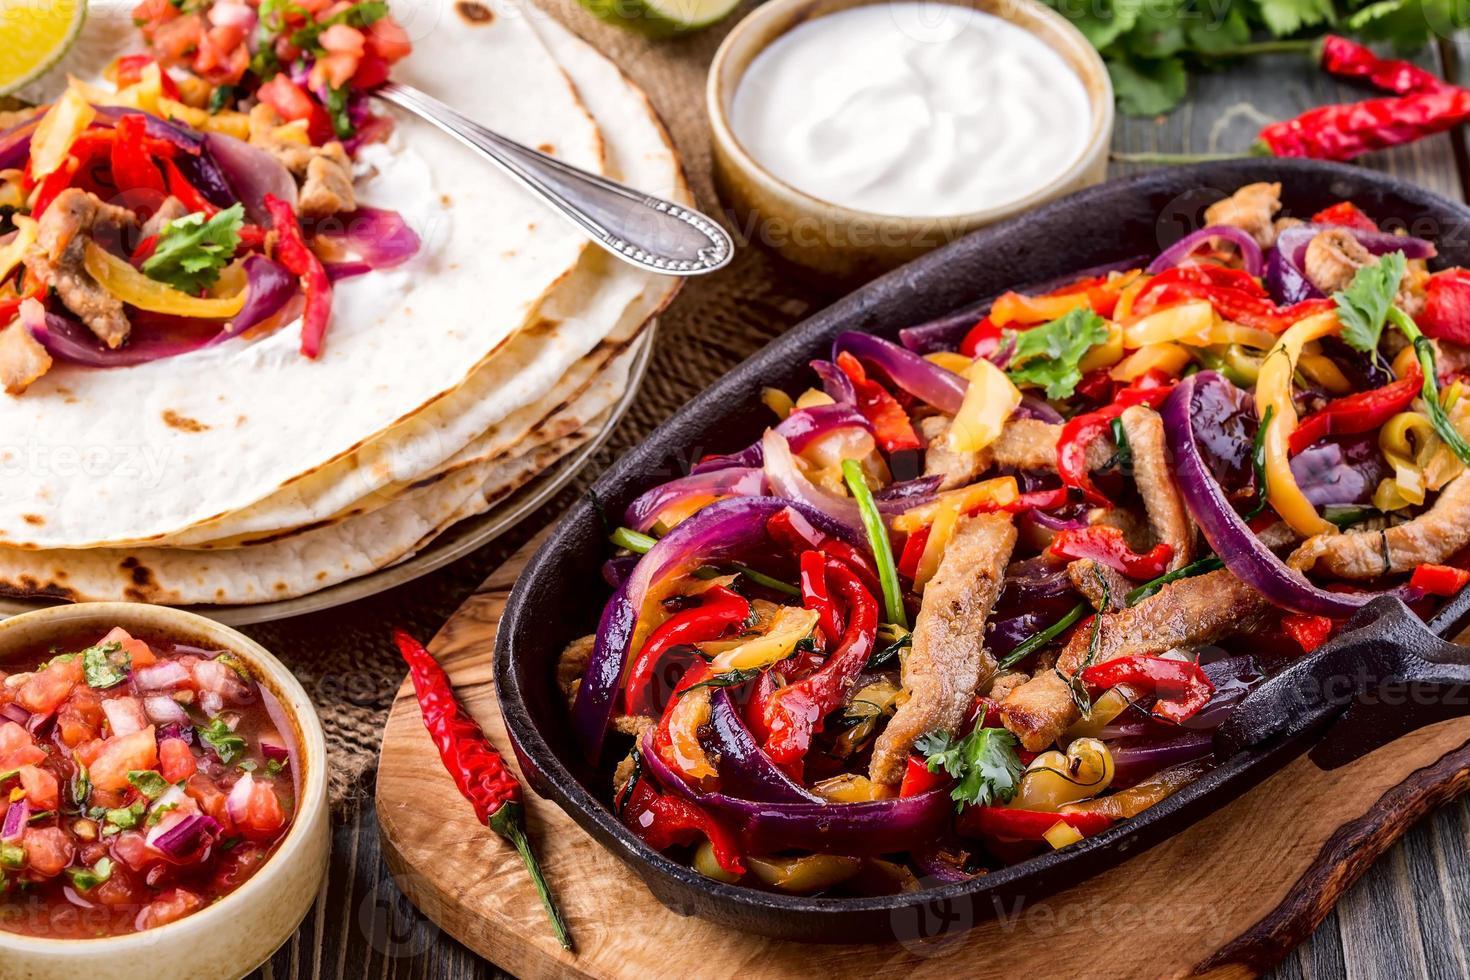 fajitas de porc aux oignons et poivrons colorés, servis avec tortillas photo